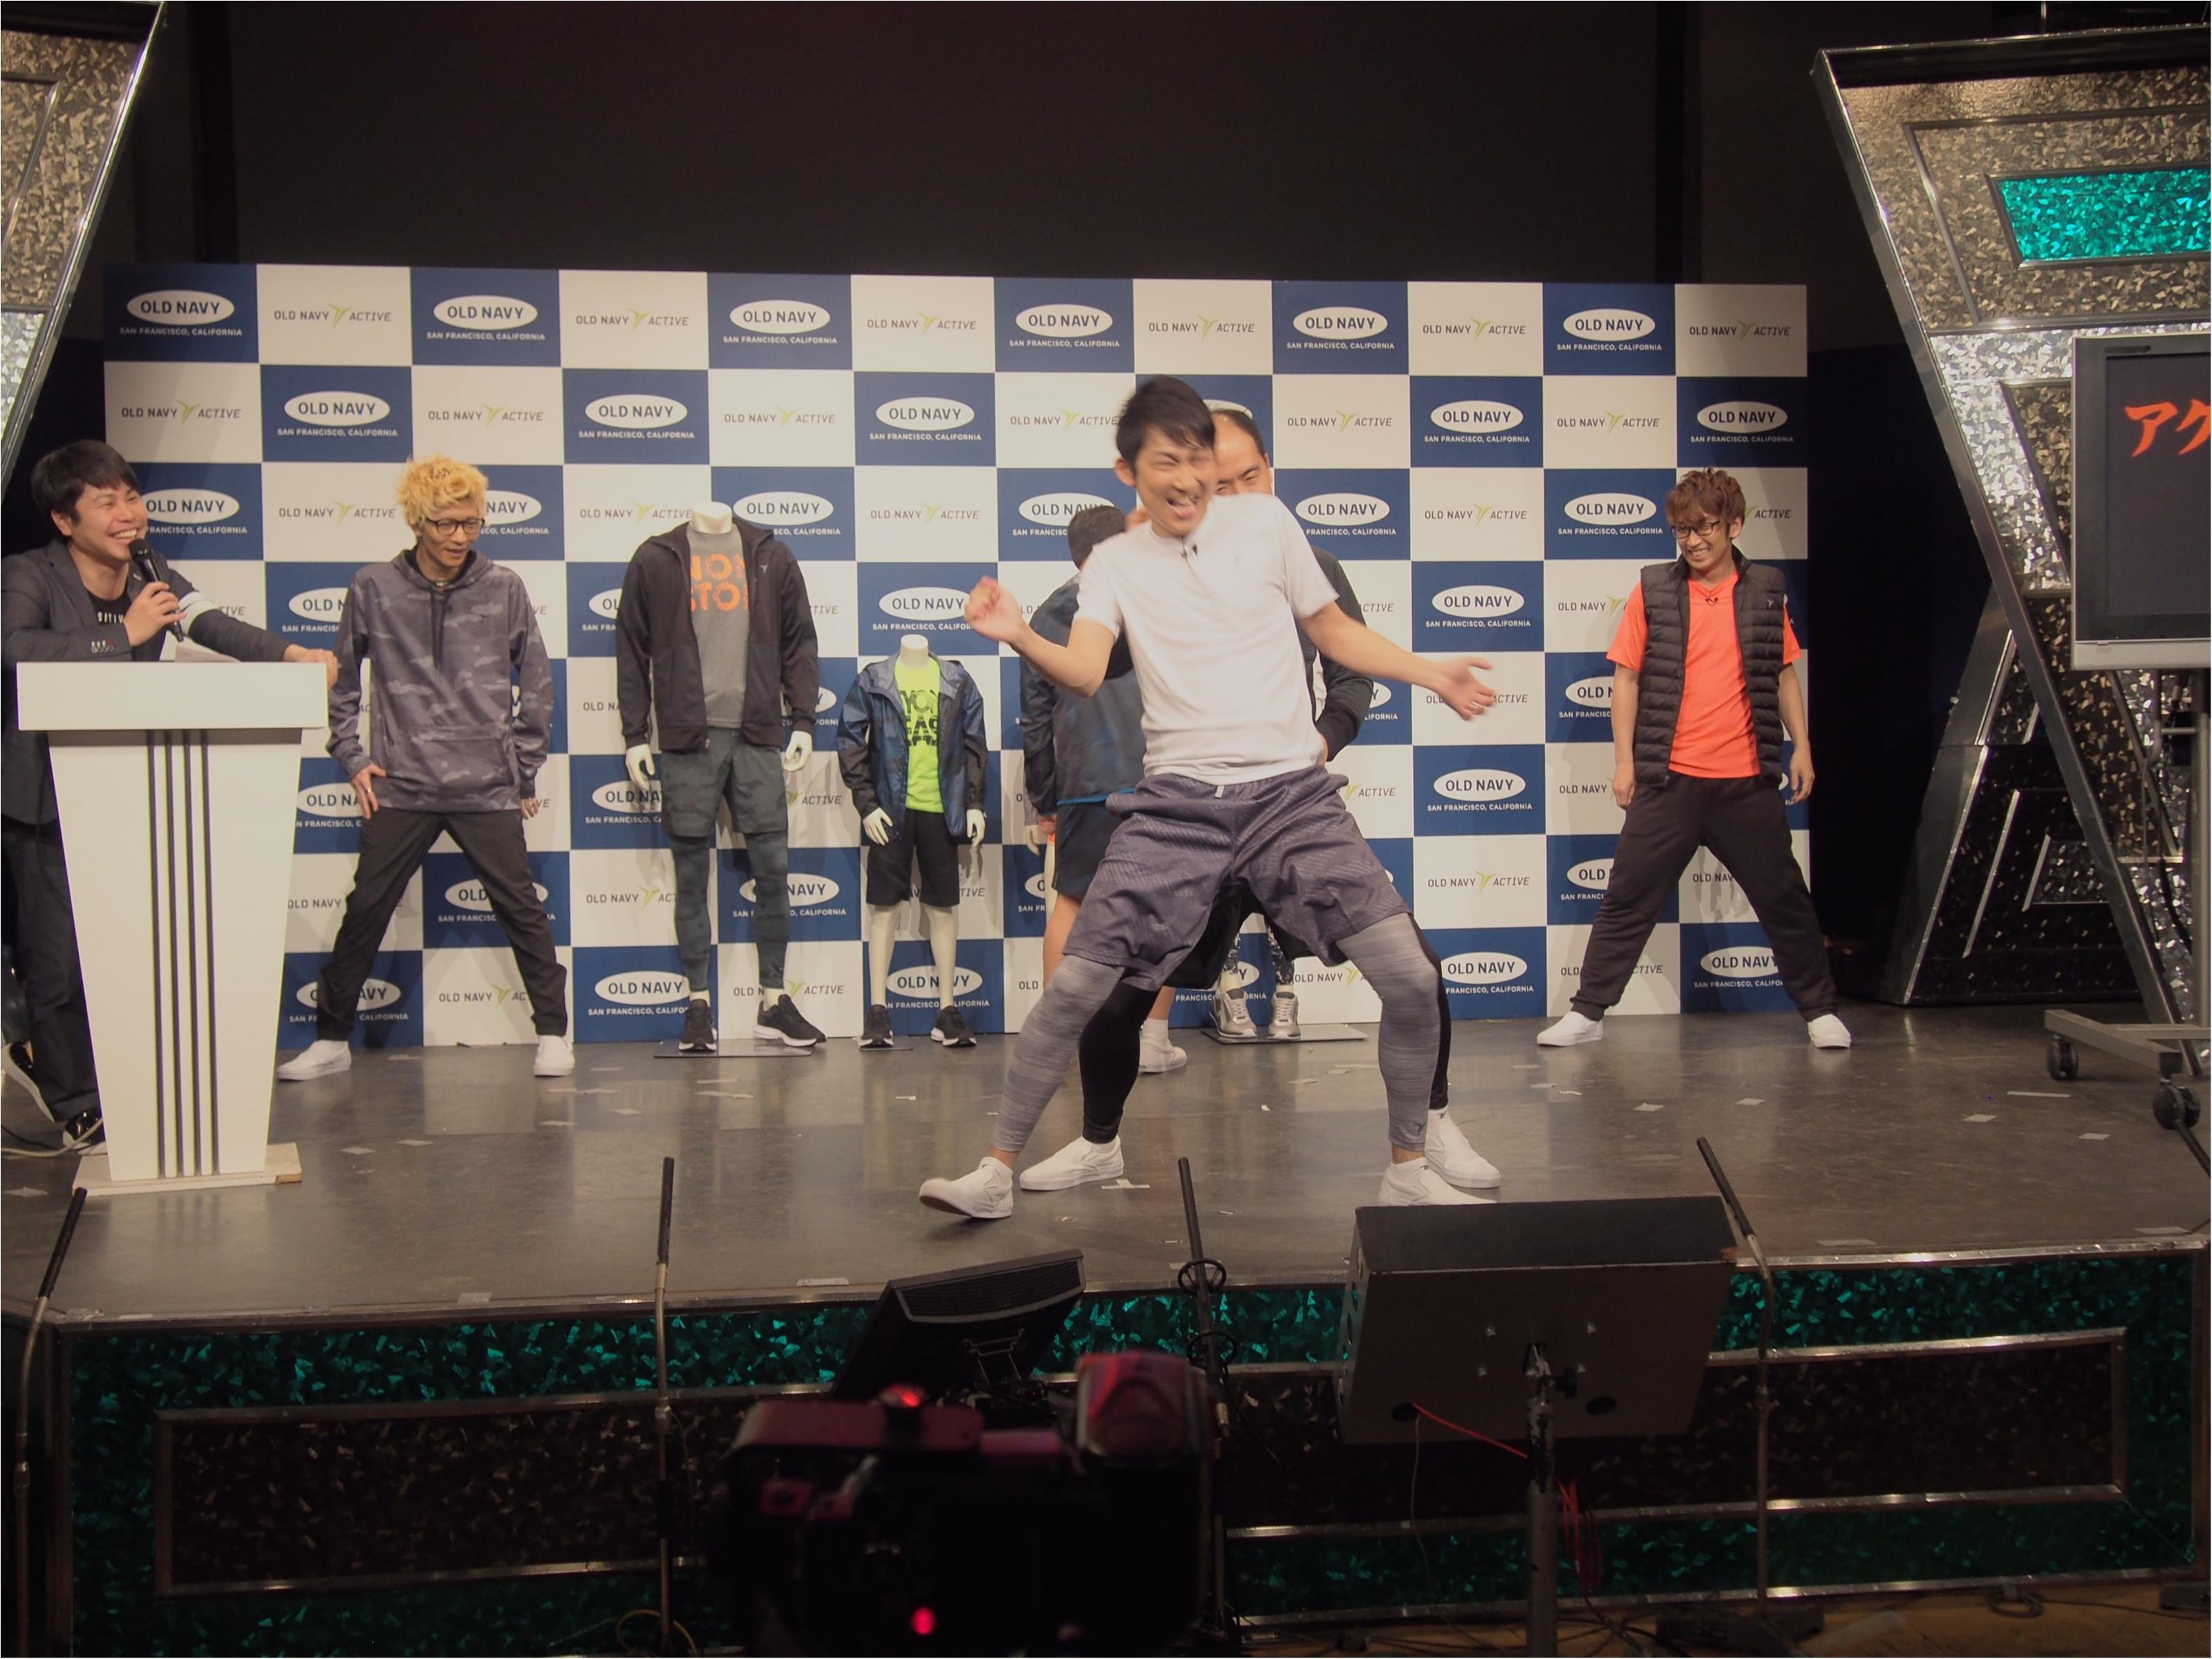 エグスプロージョン&トレンディエンジェルがダンスで魅せる! 『OLD NAVY』アクティブウェアが日本初上陸☆_6